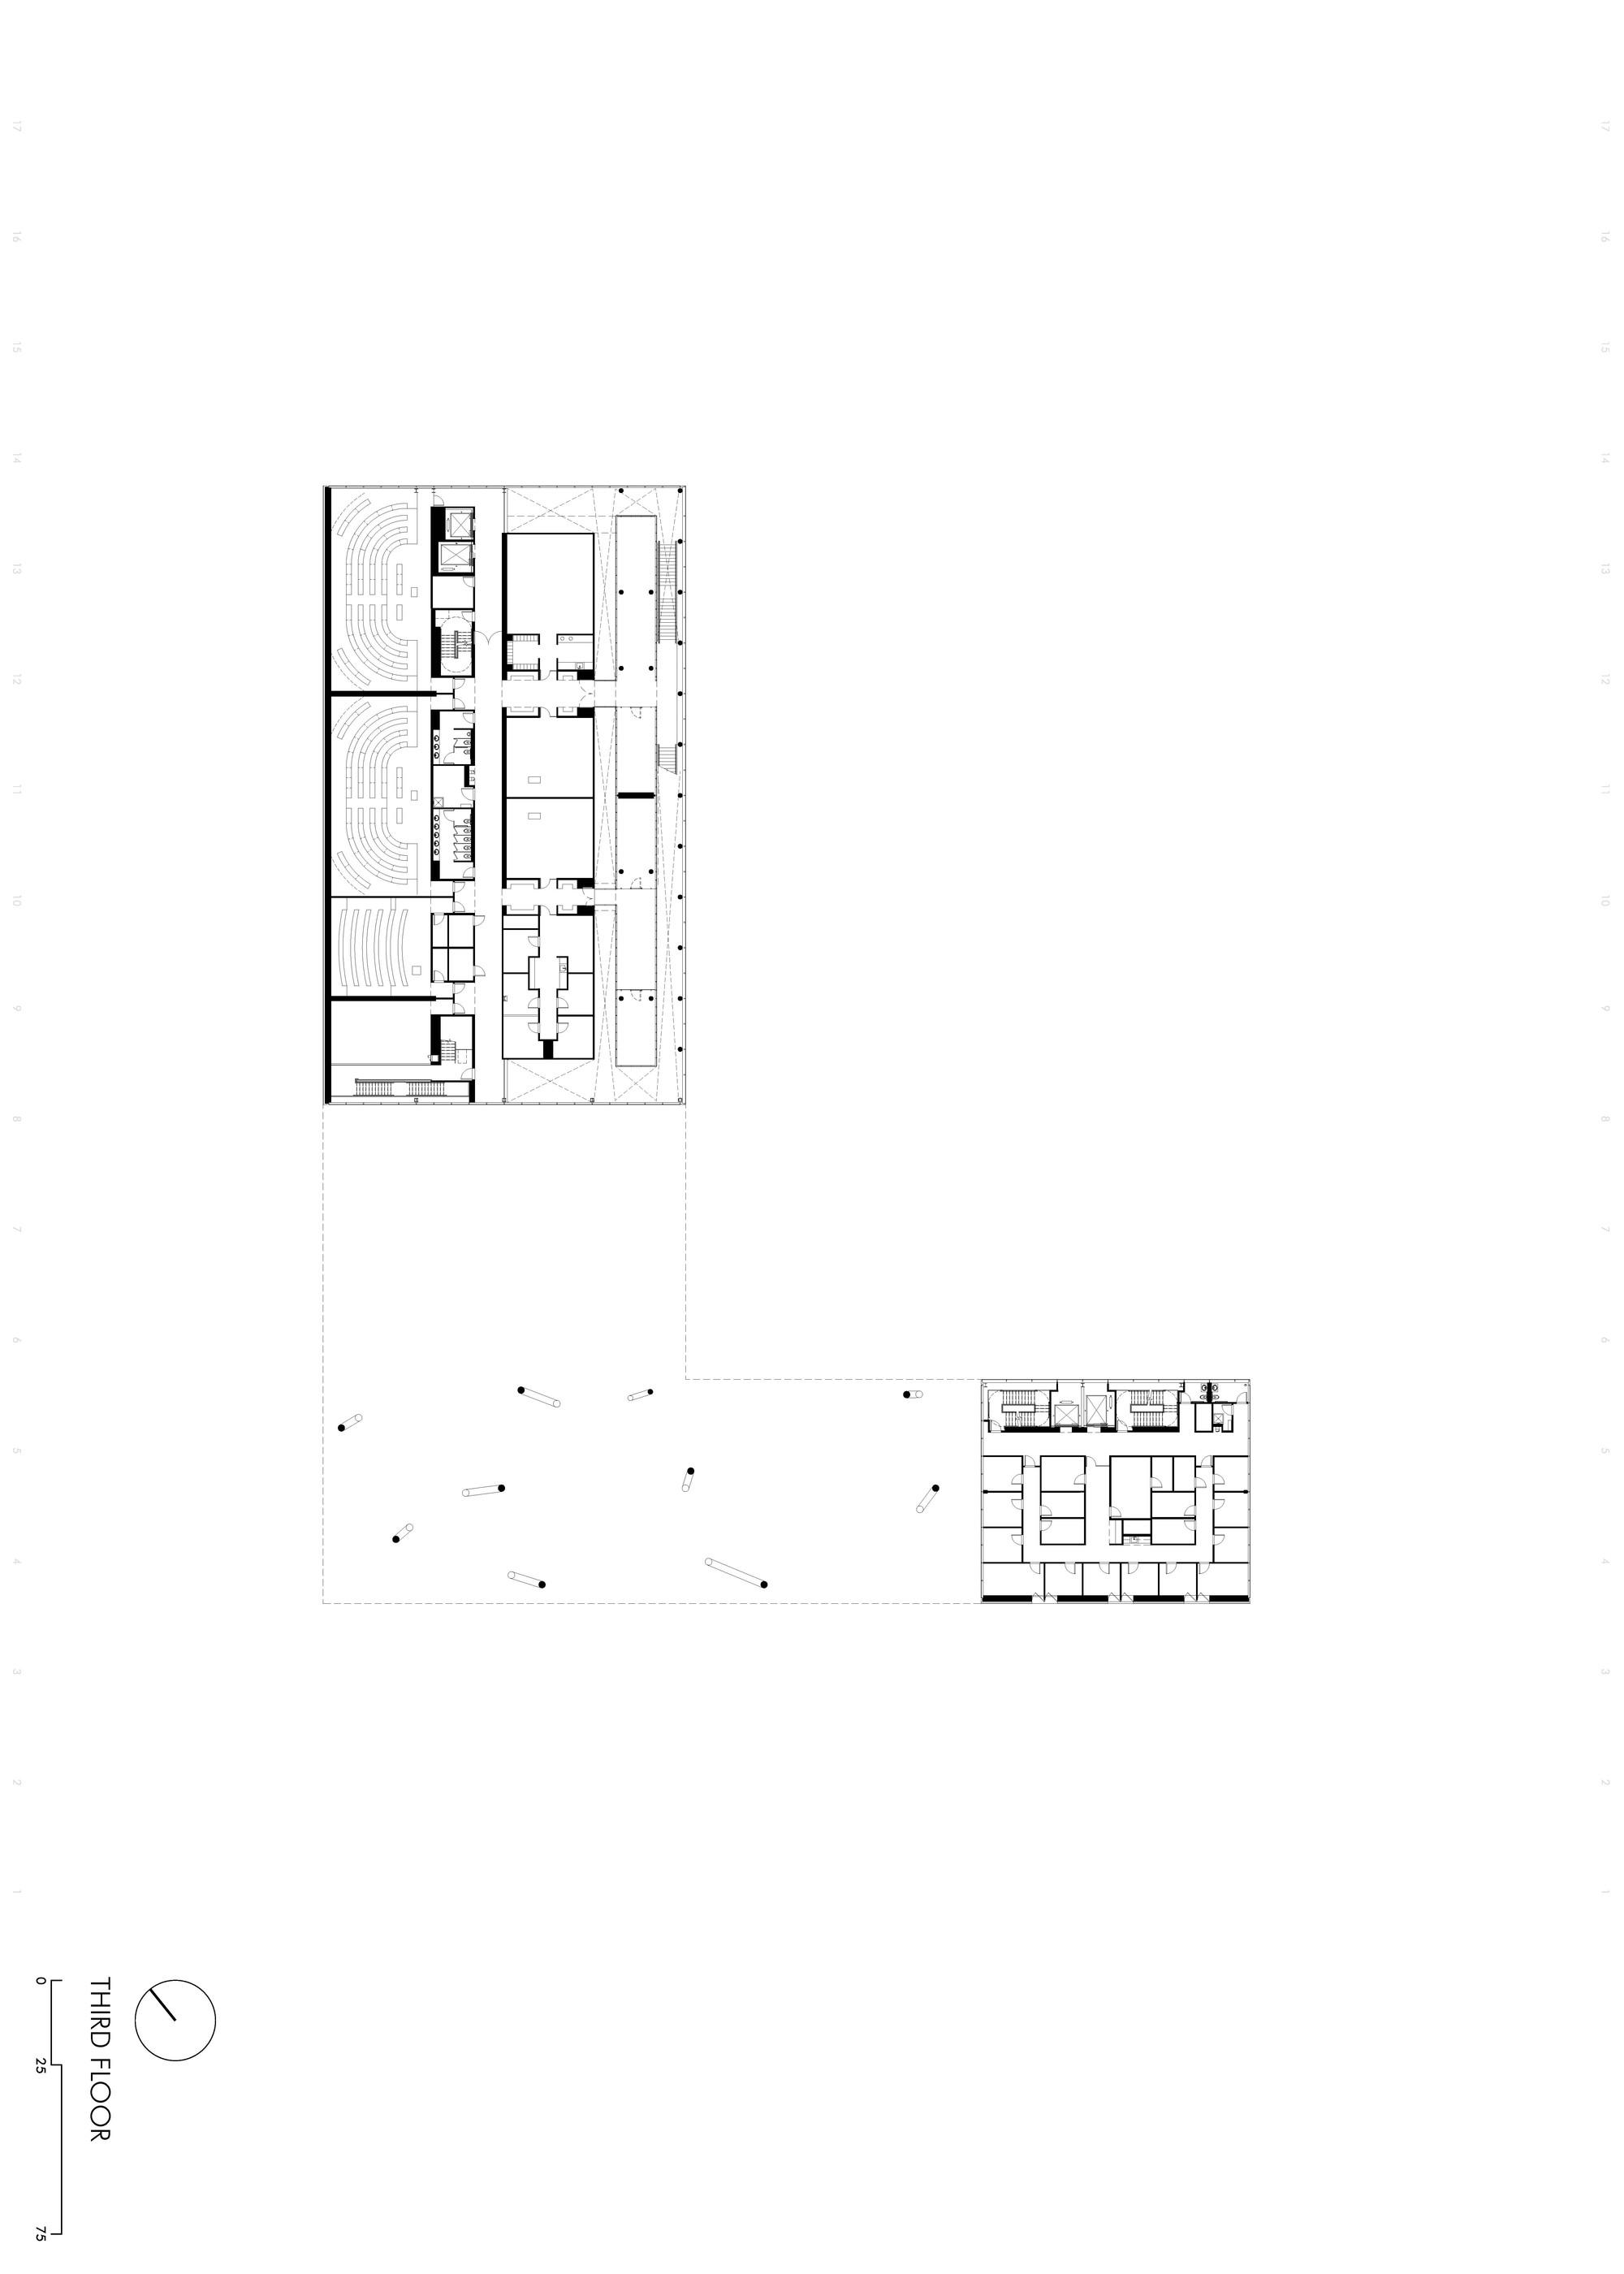 gallery of rutgers business ten arquitectos 13